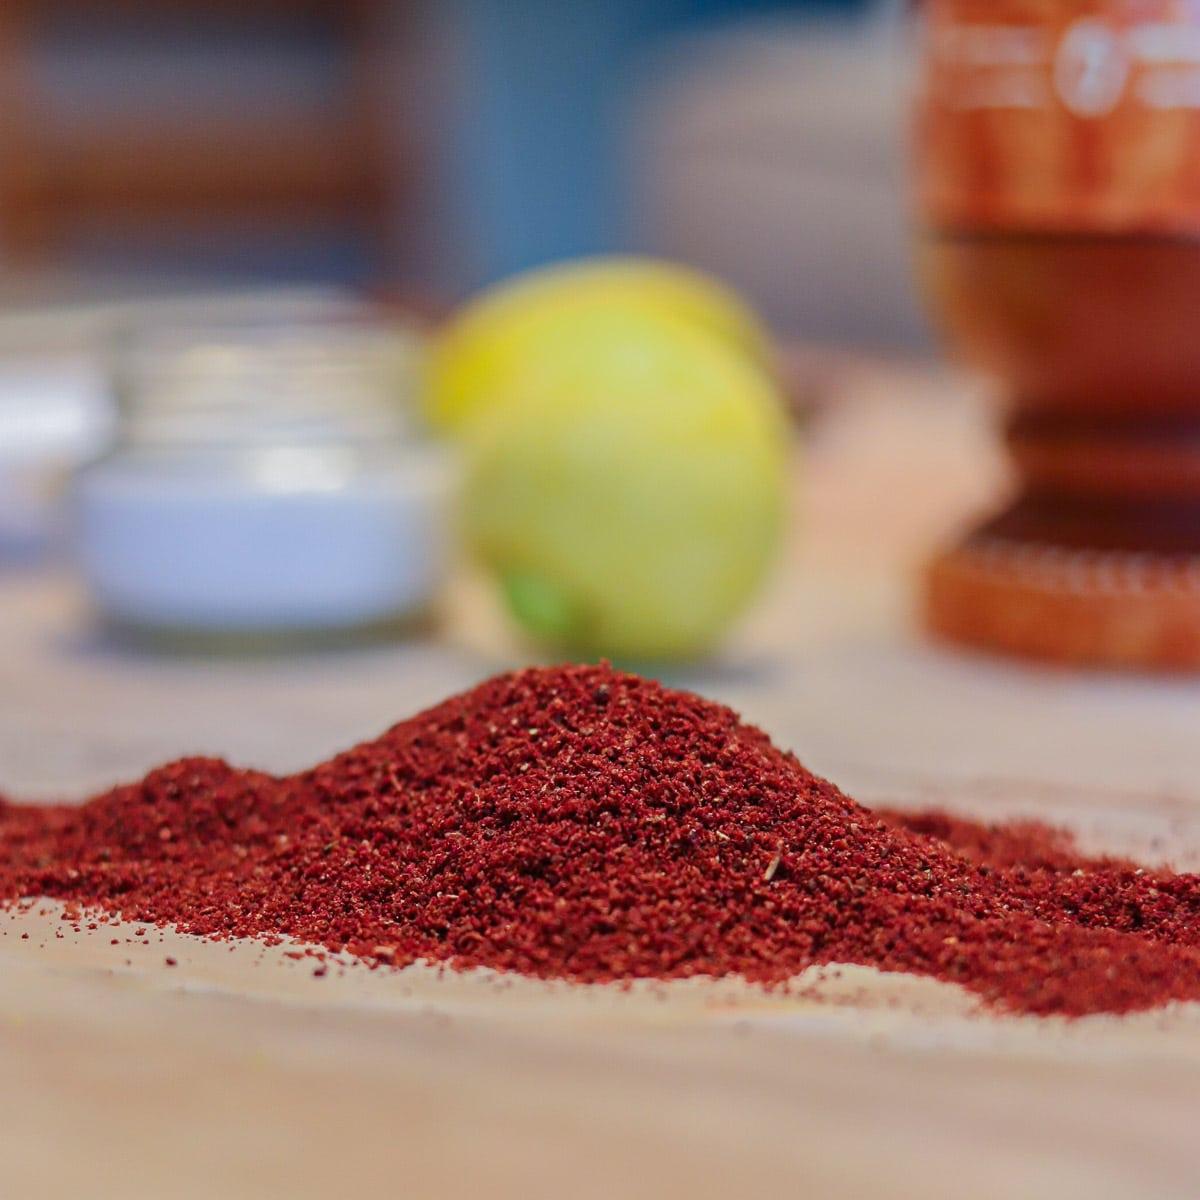 sumac substitute ingredients